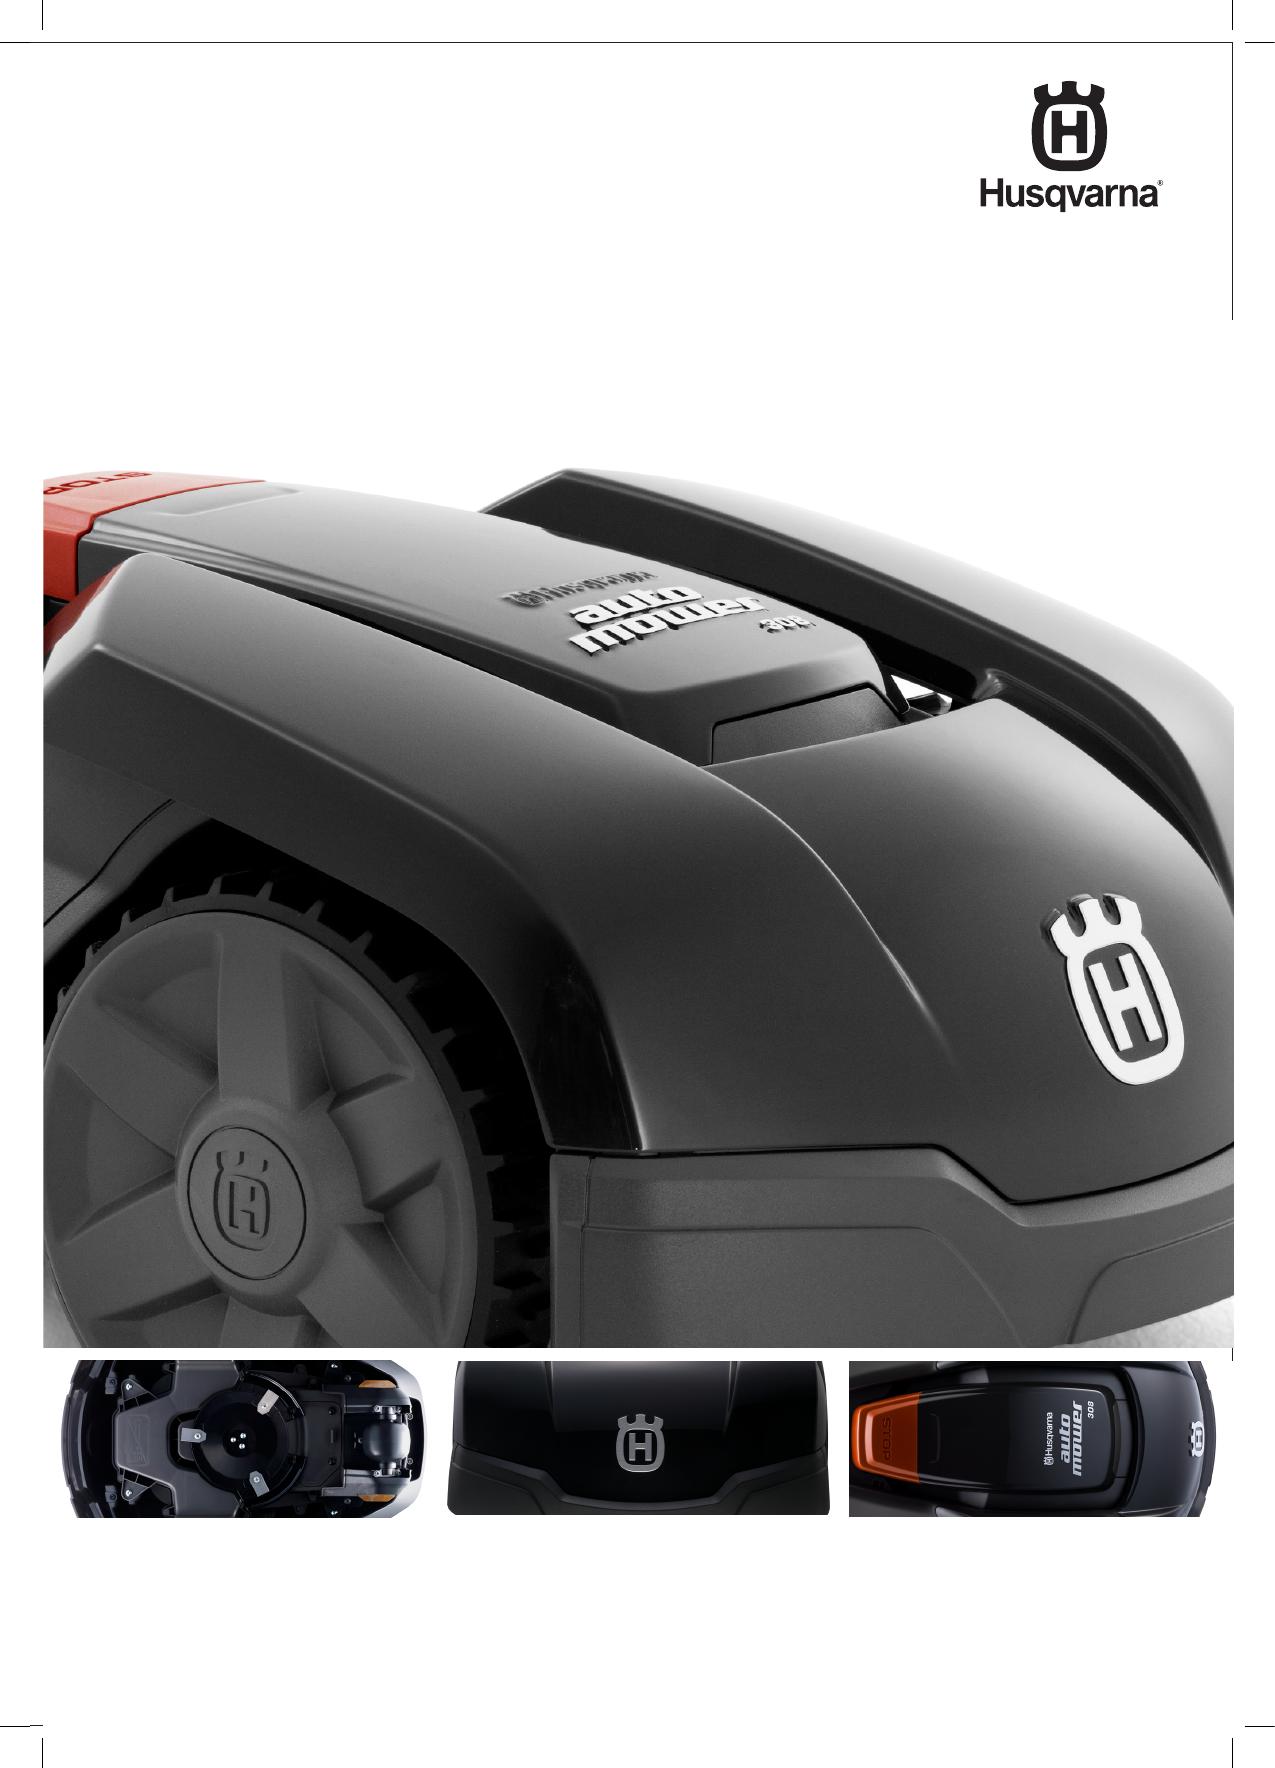 bedienungsanleitung husqvarna automower 308 seite 1 von 80 deutsch. Black Bedroom Furniture Sets. Home Design Ideas